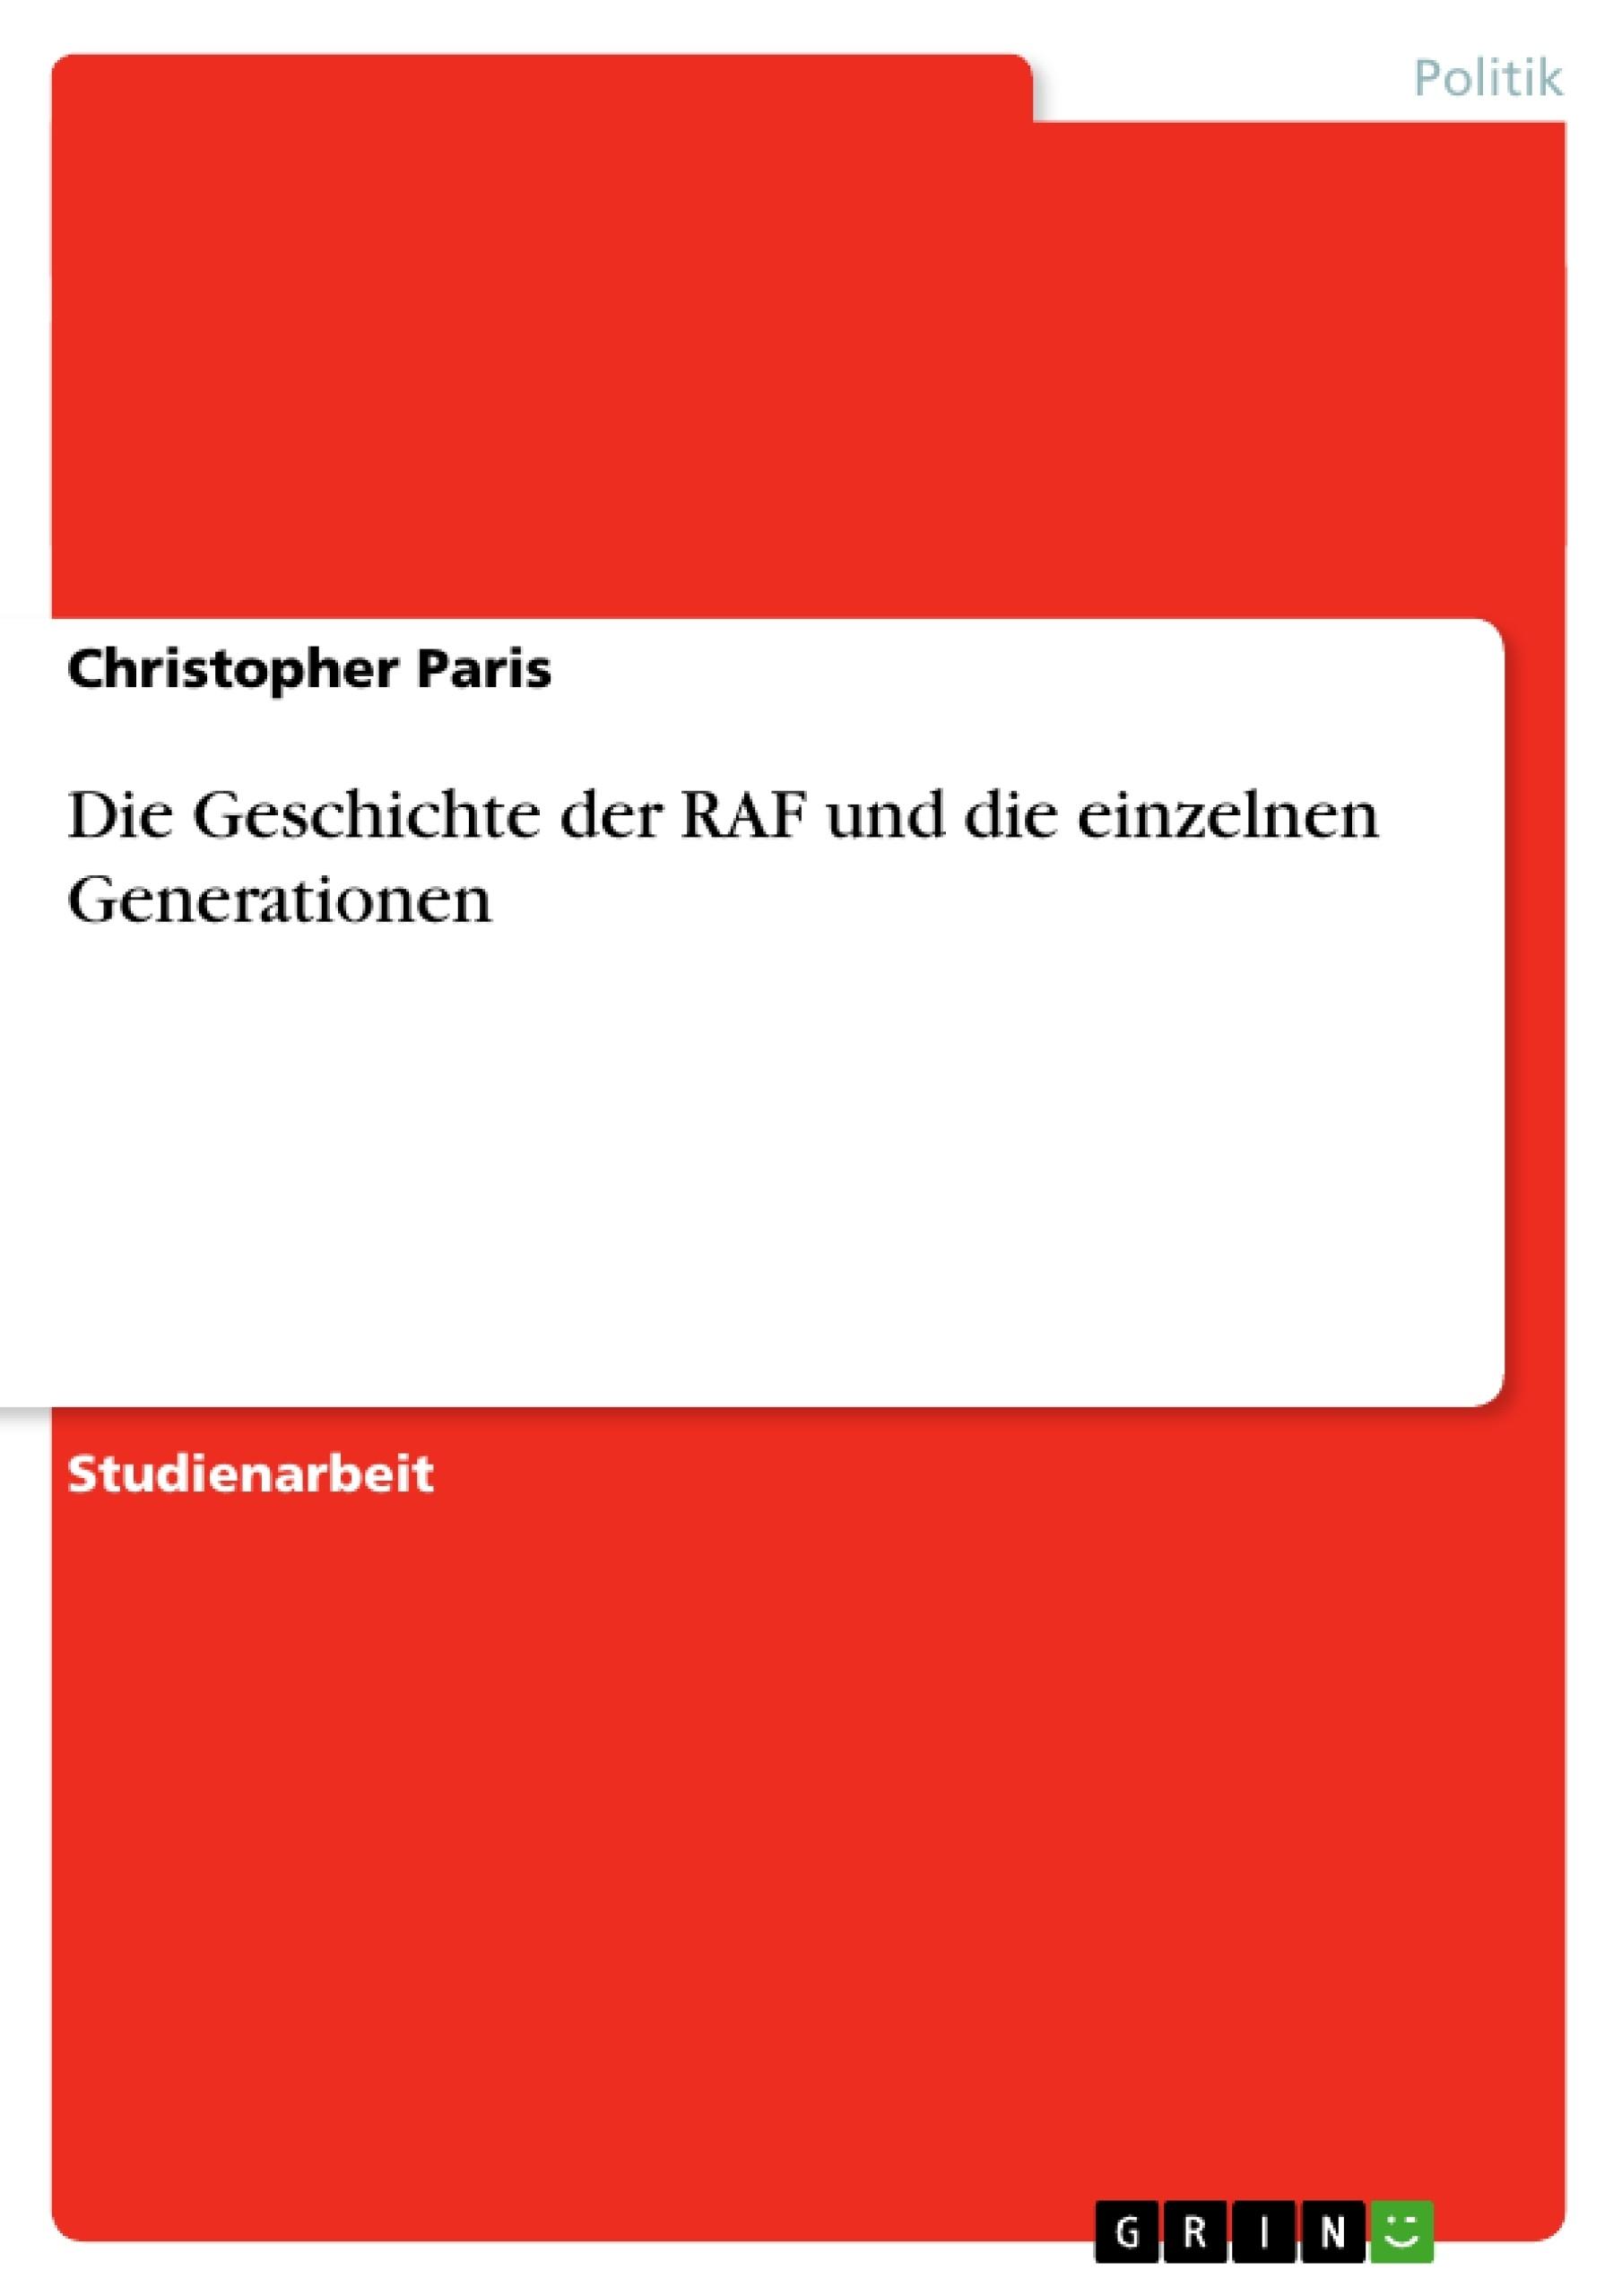 Titel: Die Geschichte der RAF und die einzelnen Generationen